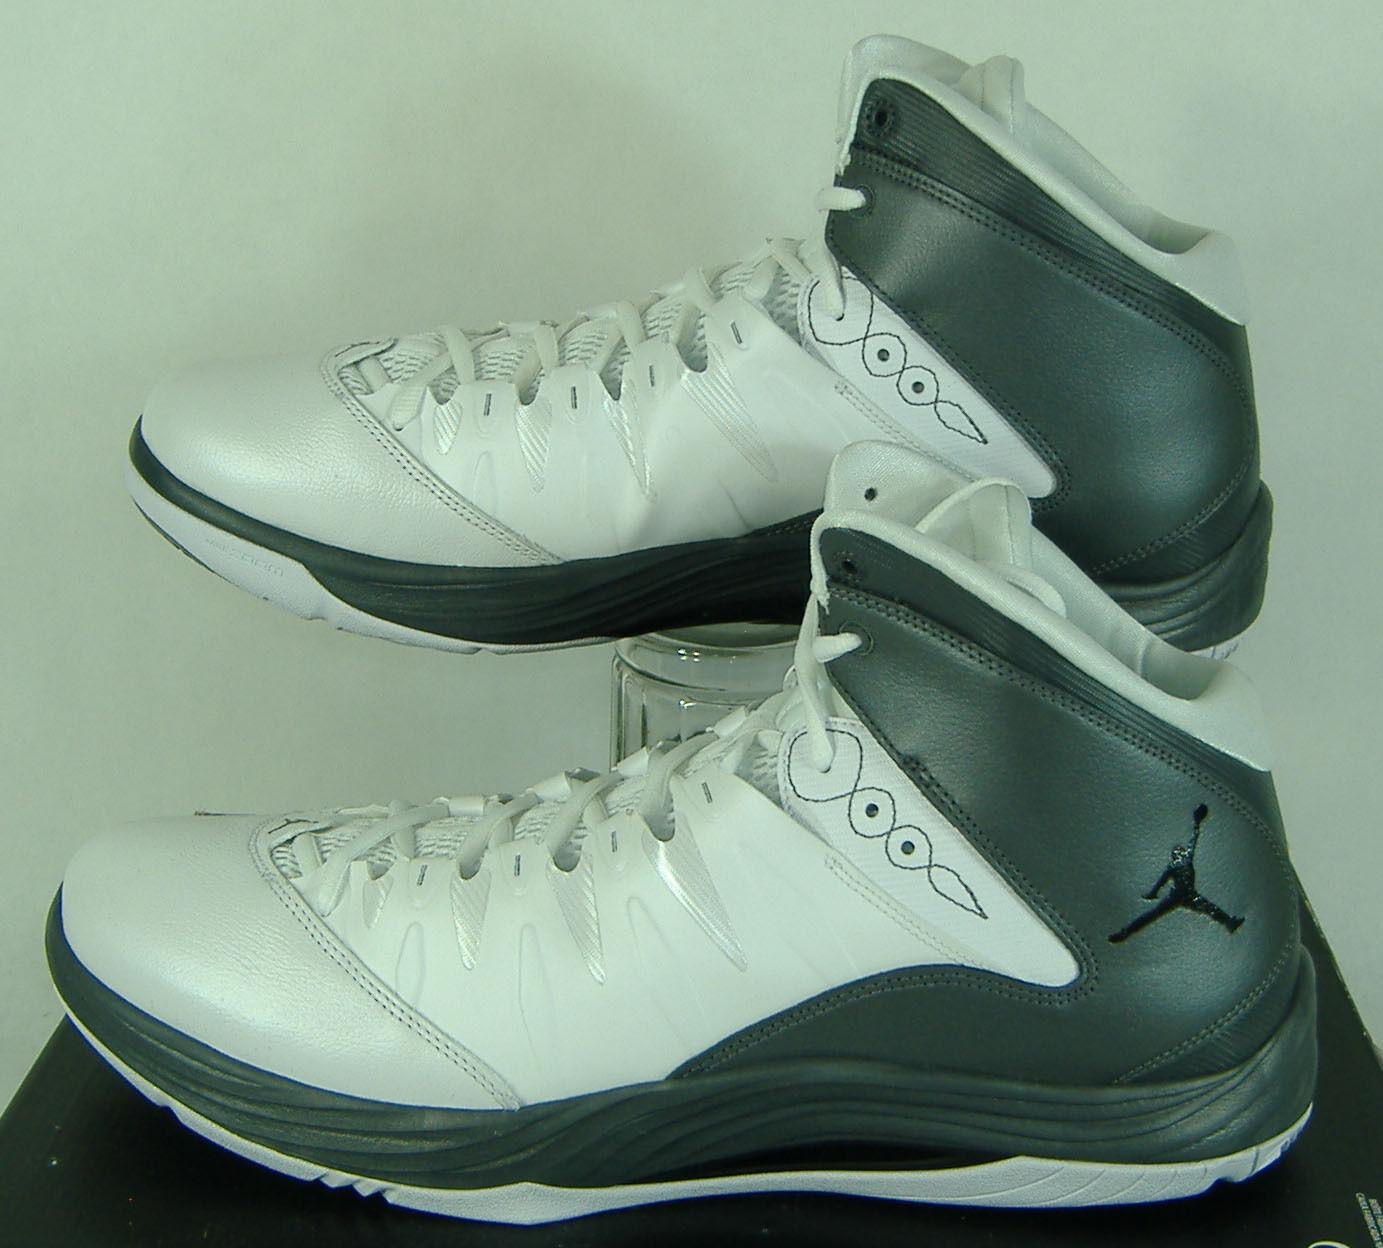 Nuova Nuova Nuova Uomo 12,5 nike jordan il primo volo, grigio e bianco 599582-103 scarpe da basket 115 f191e2